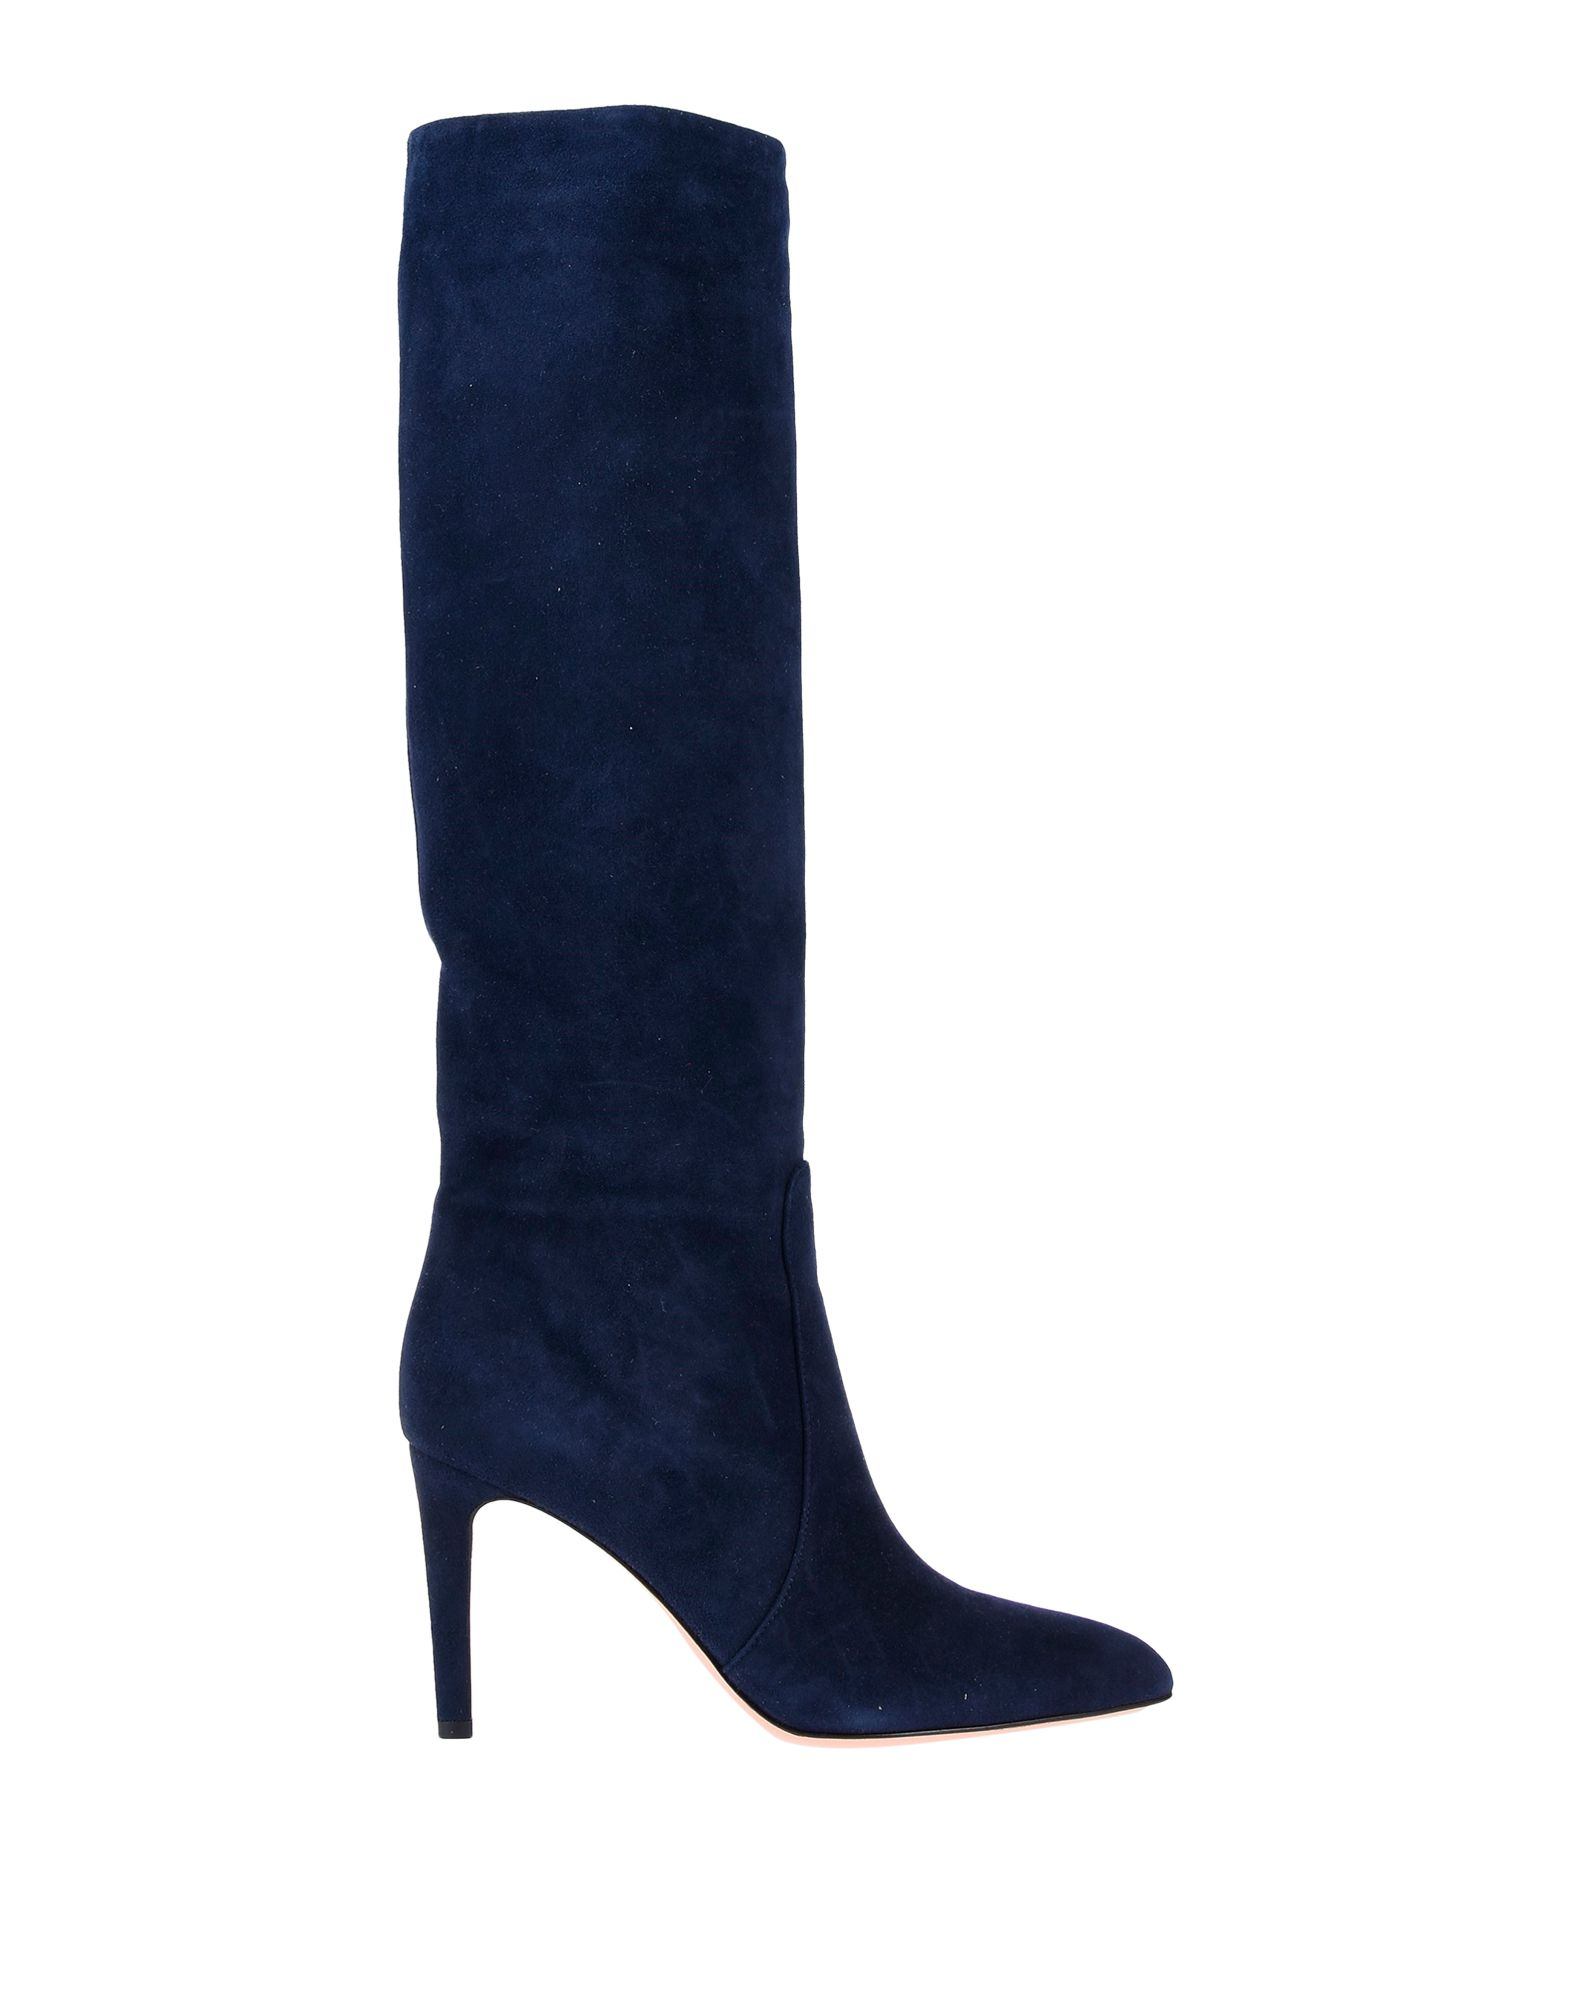 Stiefel Gianvito Rossi damen - 11711294OM